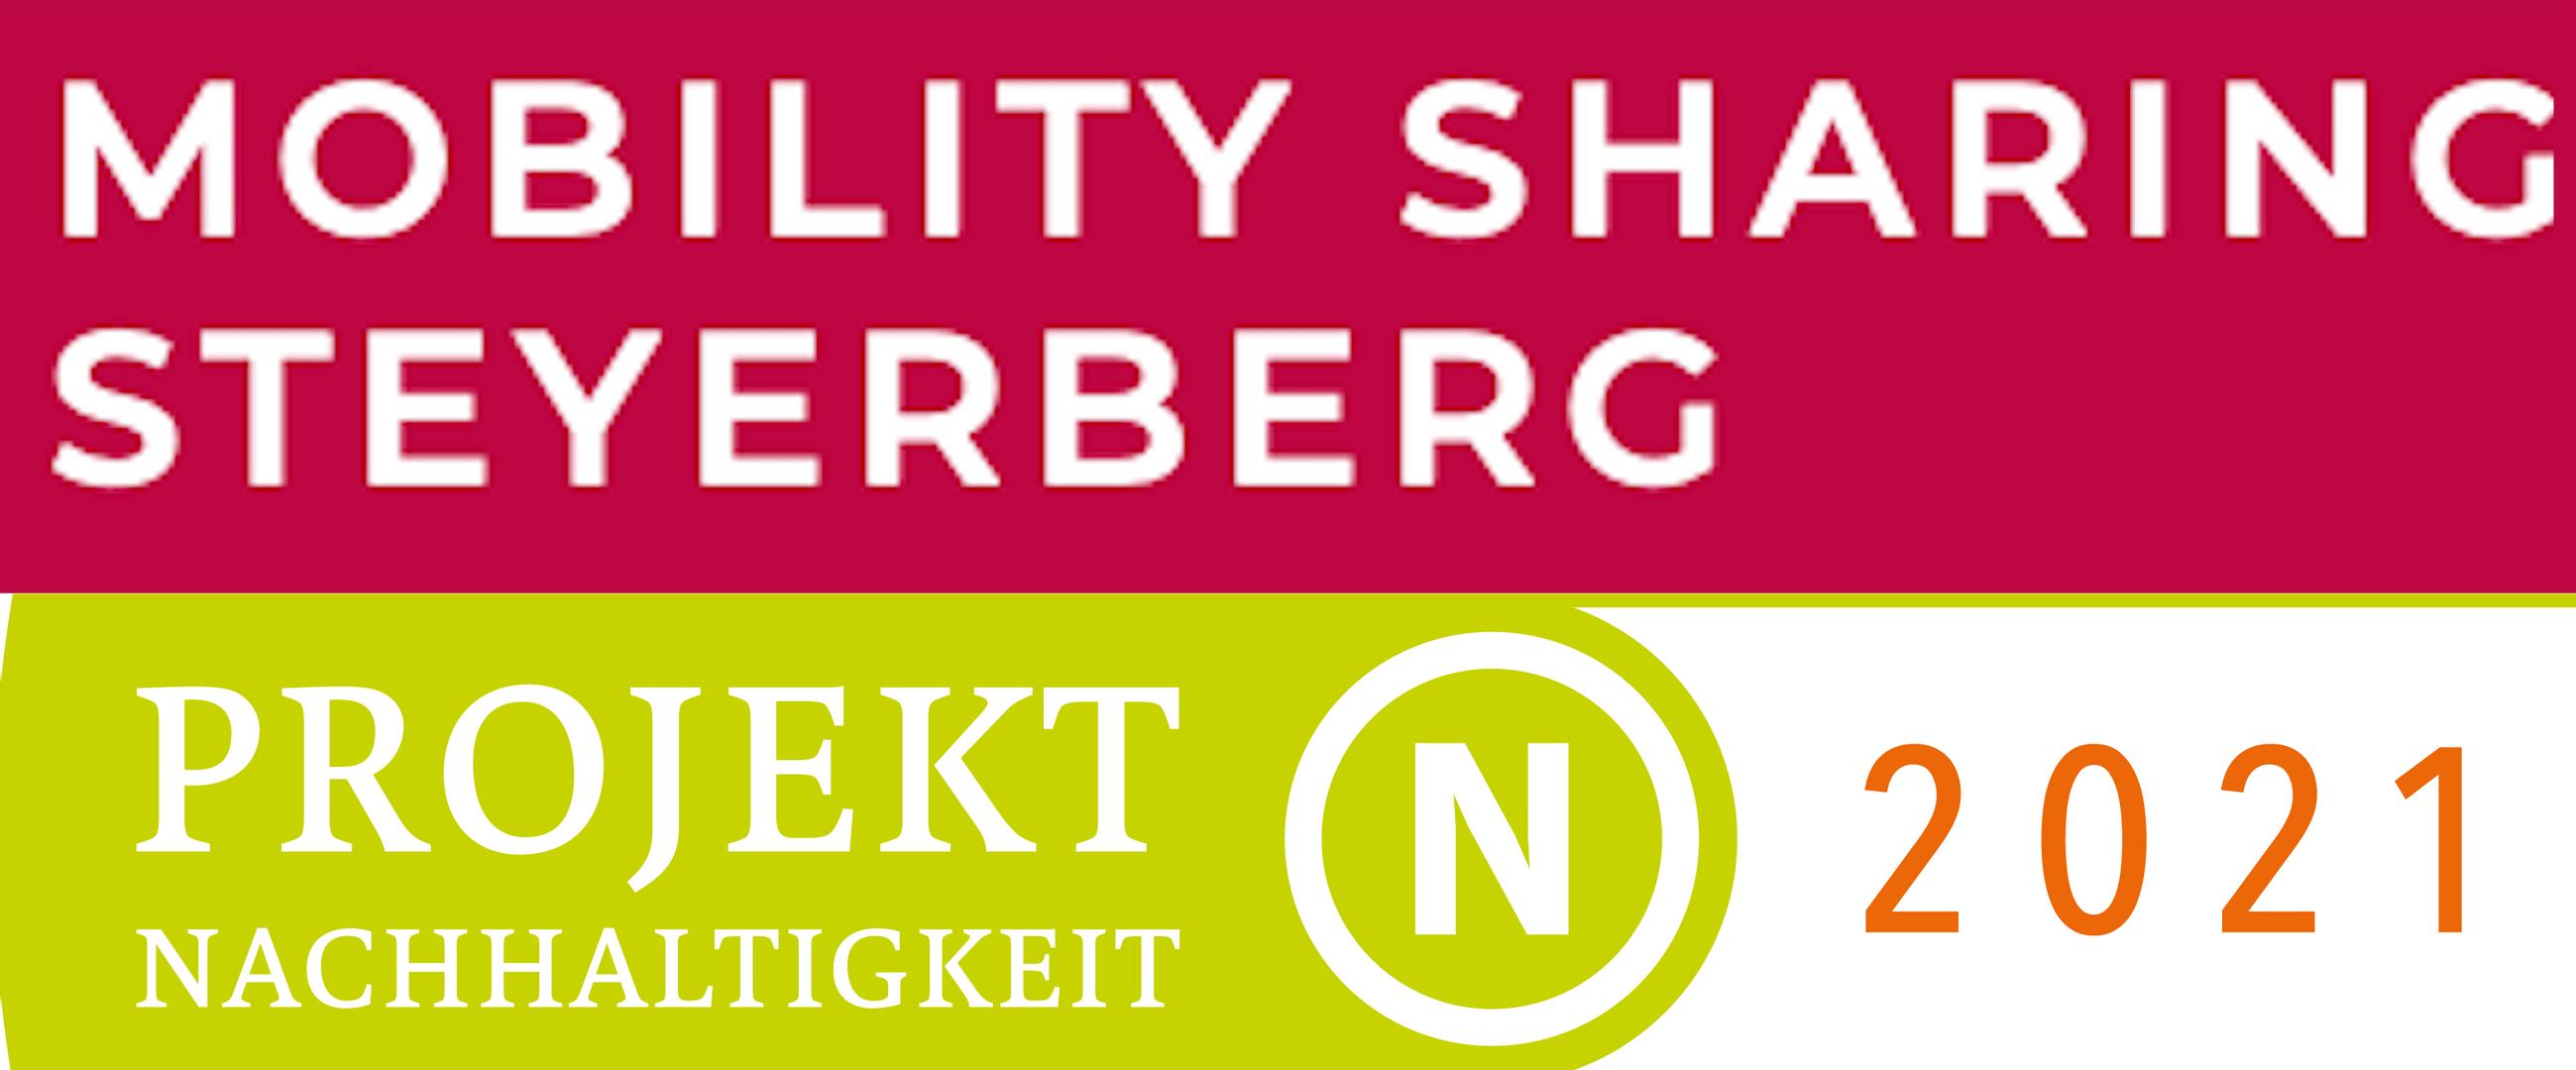 Termine | MobilitySharing Steyerberg